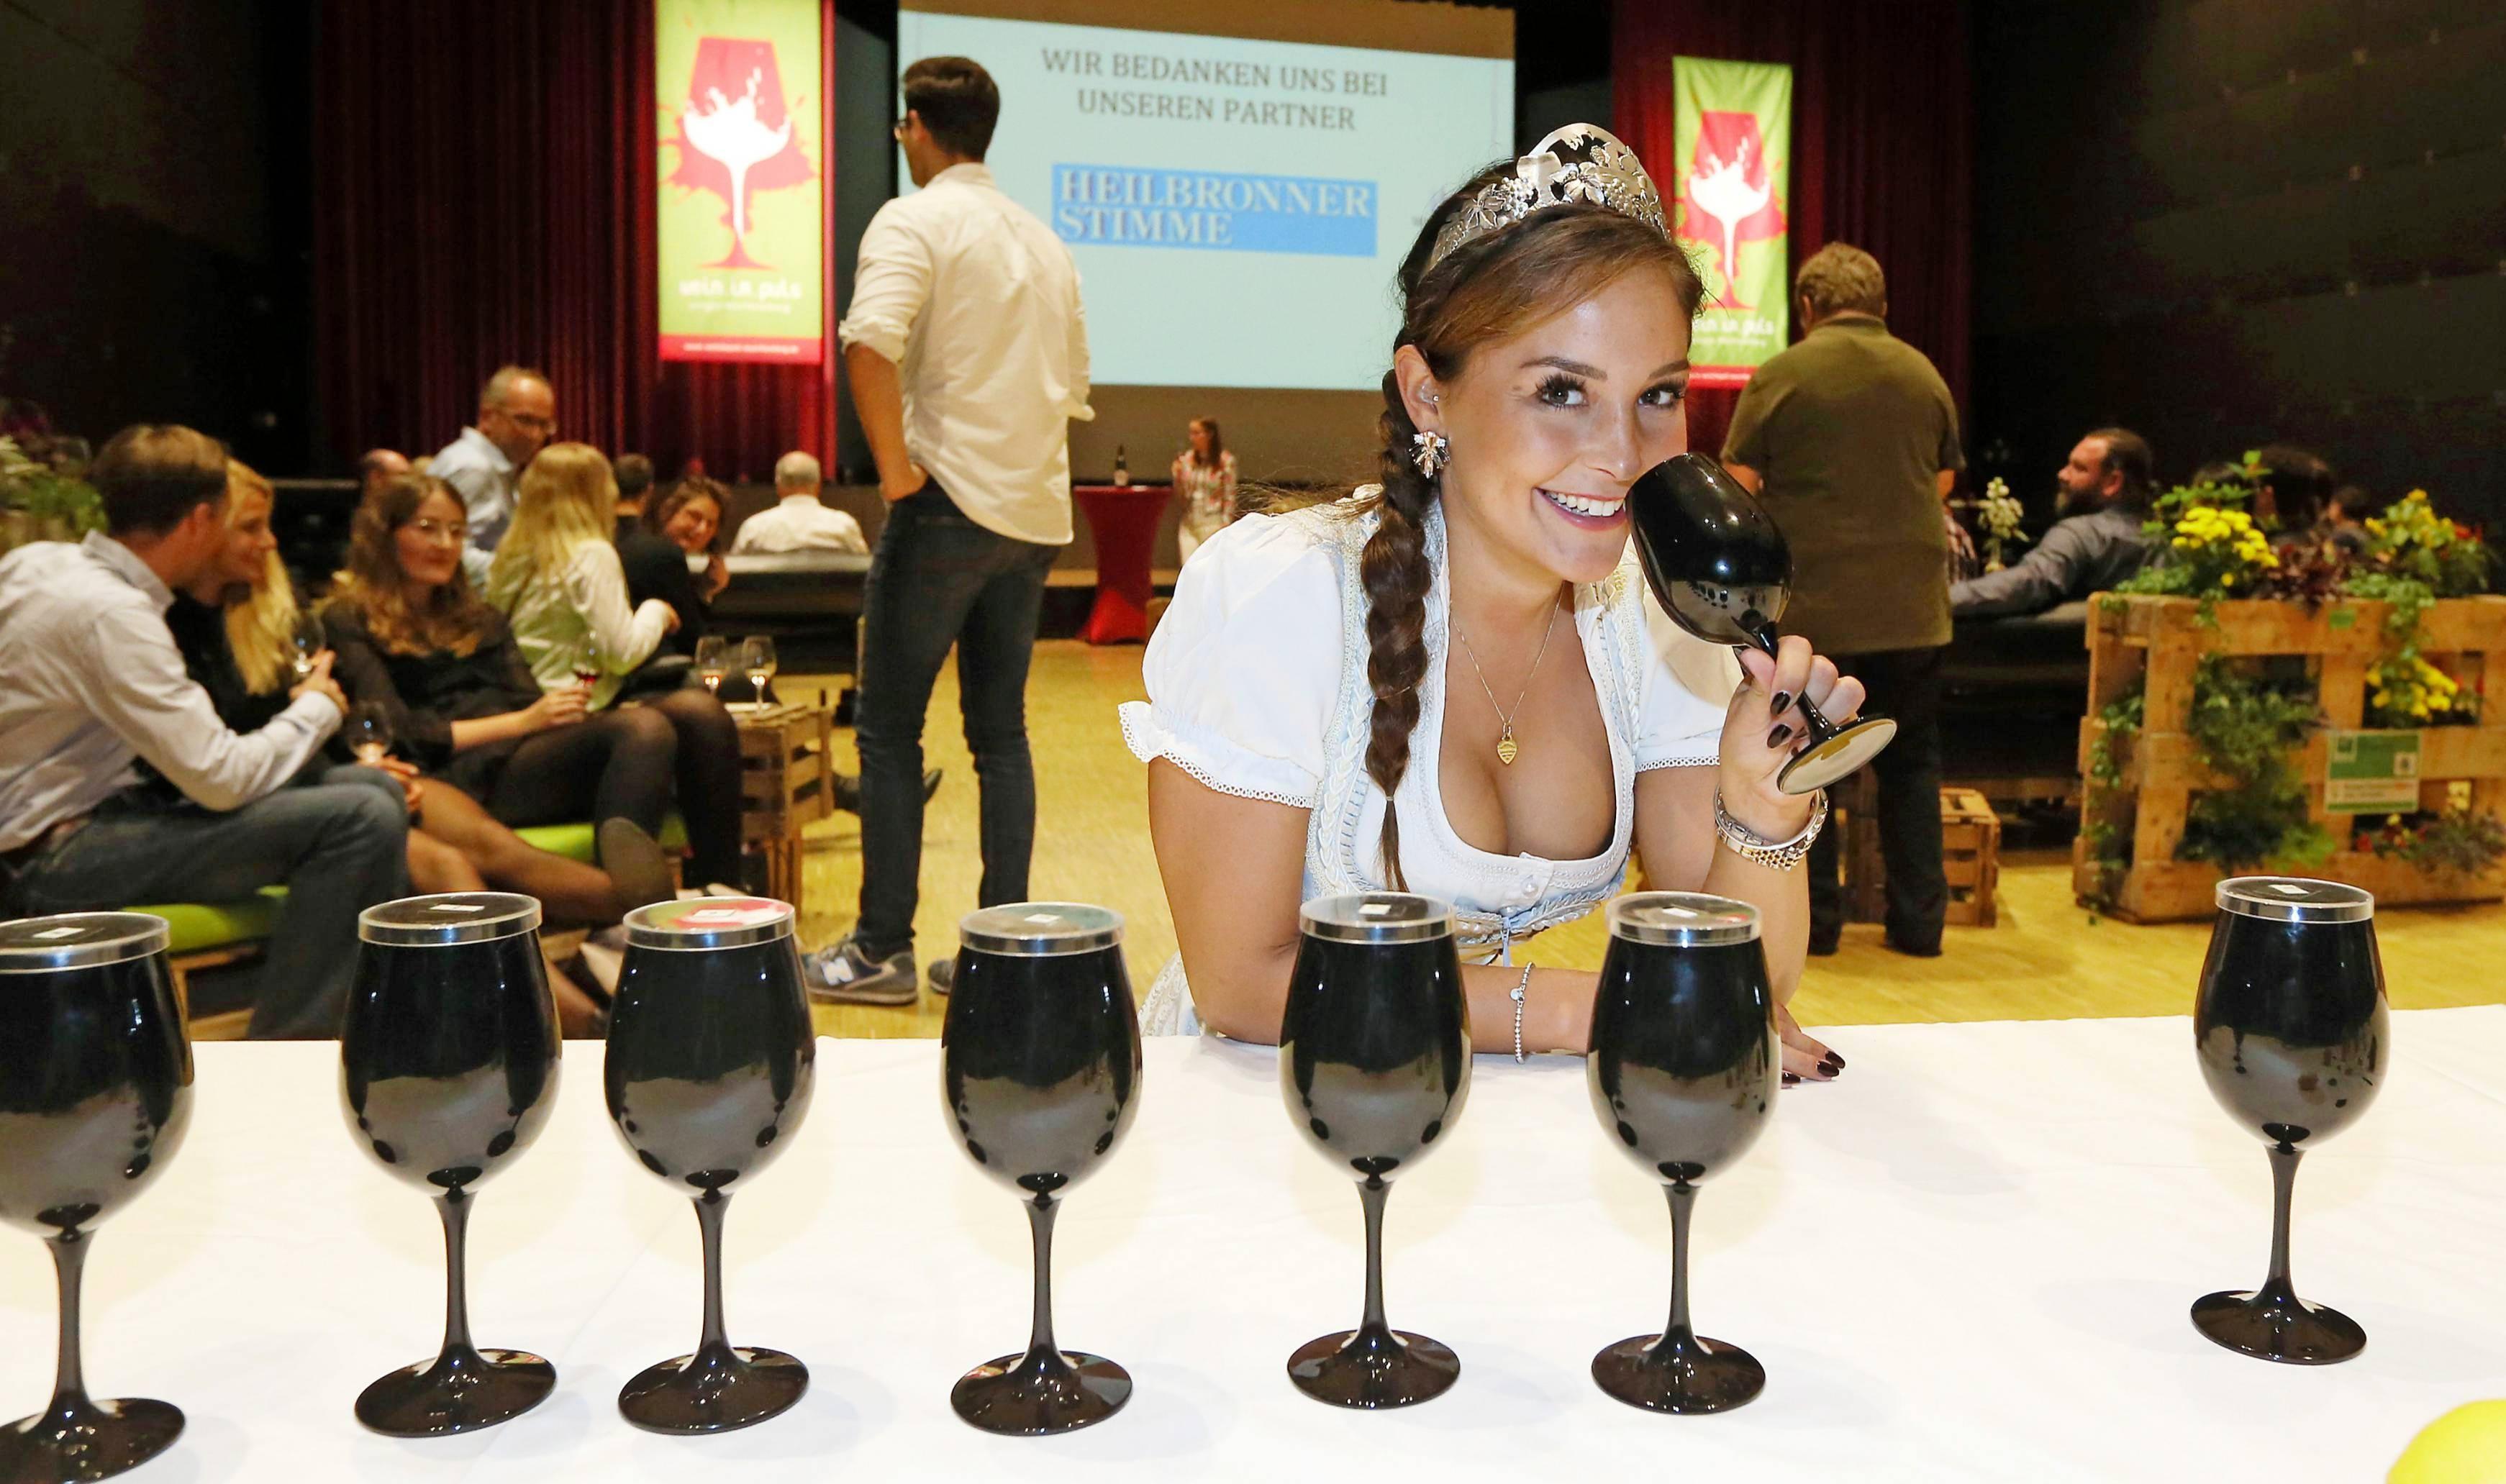 Bei der Weinshow gibt es auch Seminare mit Weinhoheiten sowie den ersten Stimme-Wein-Publikumspreis. Foto: Veigel